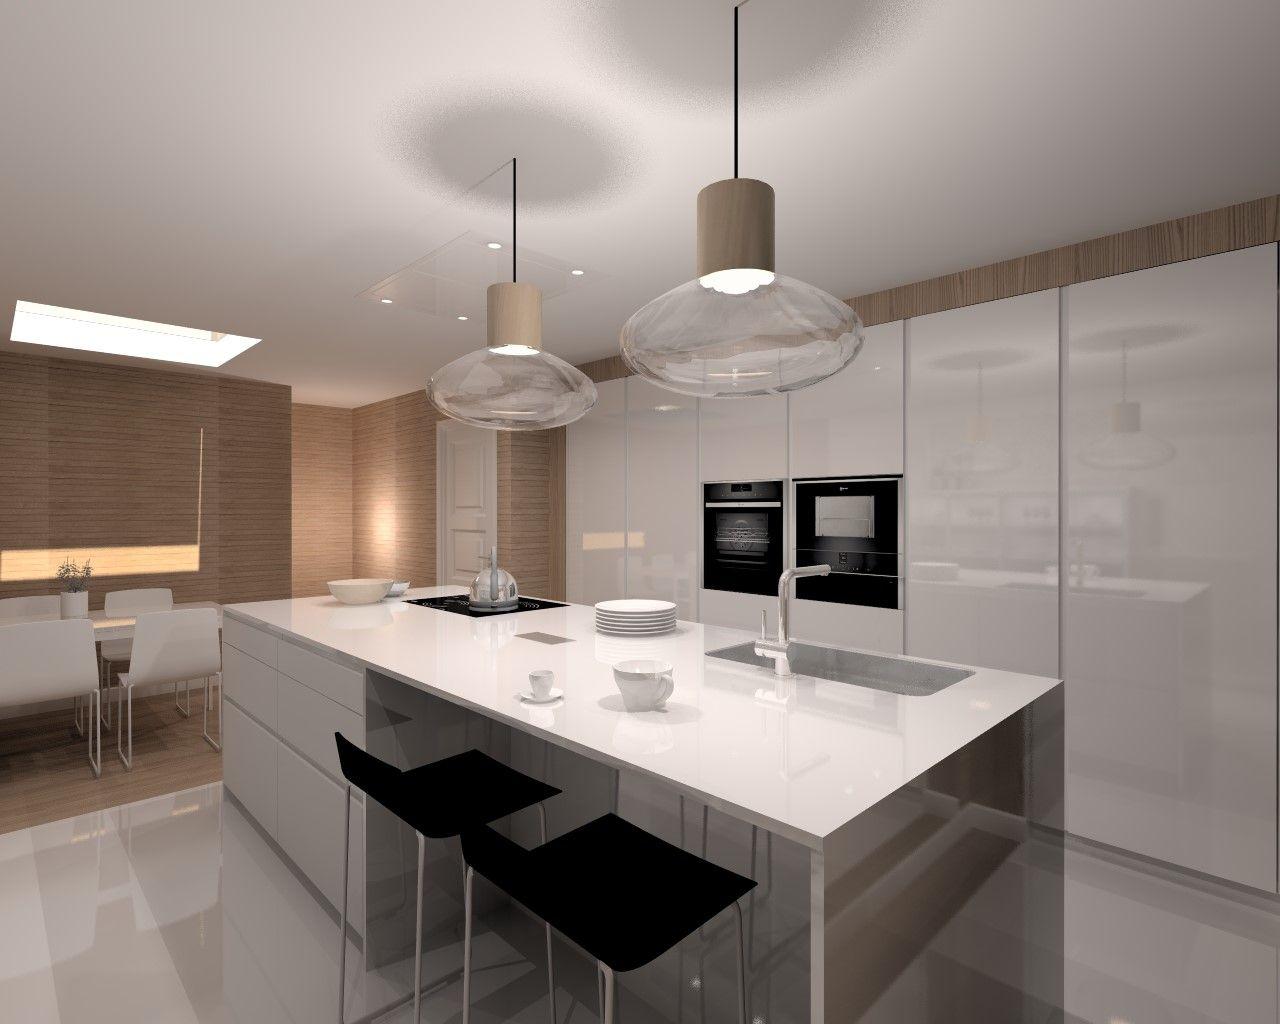 Aravaca cocina santos modelo line laminado blanco - Docrys cocinas ...